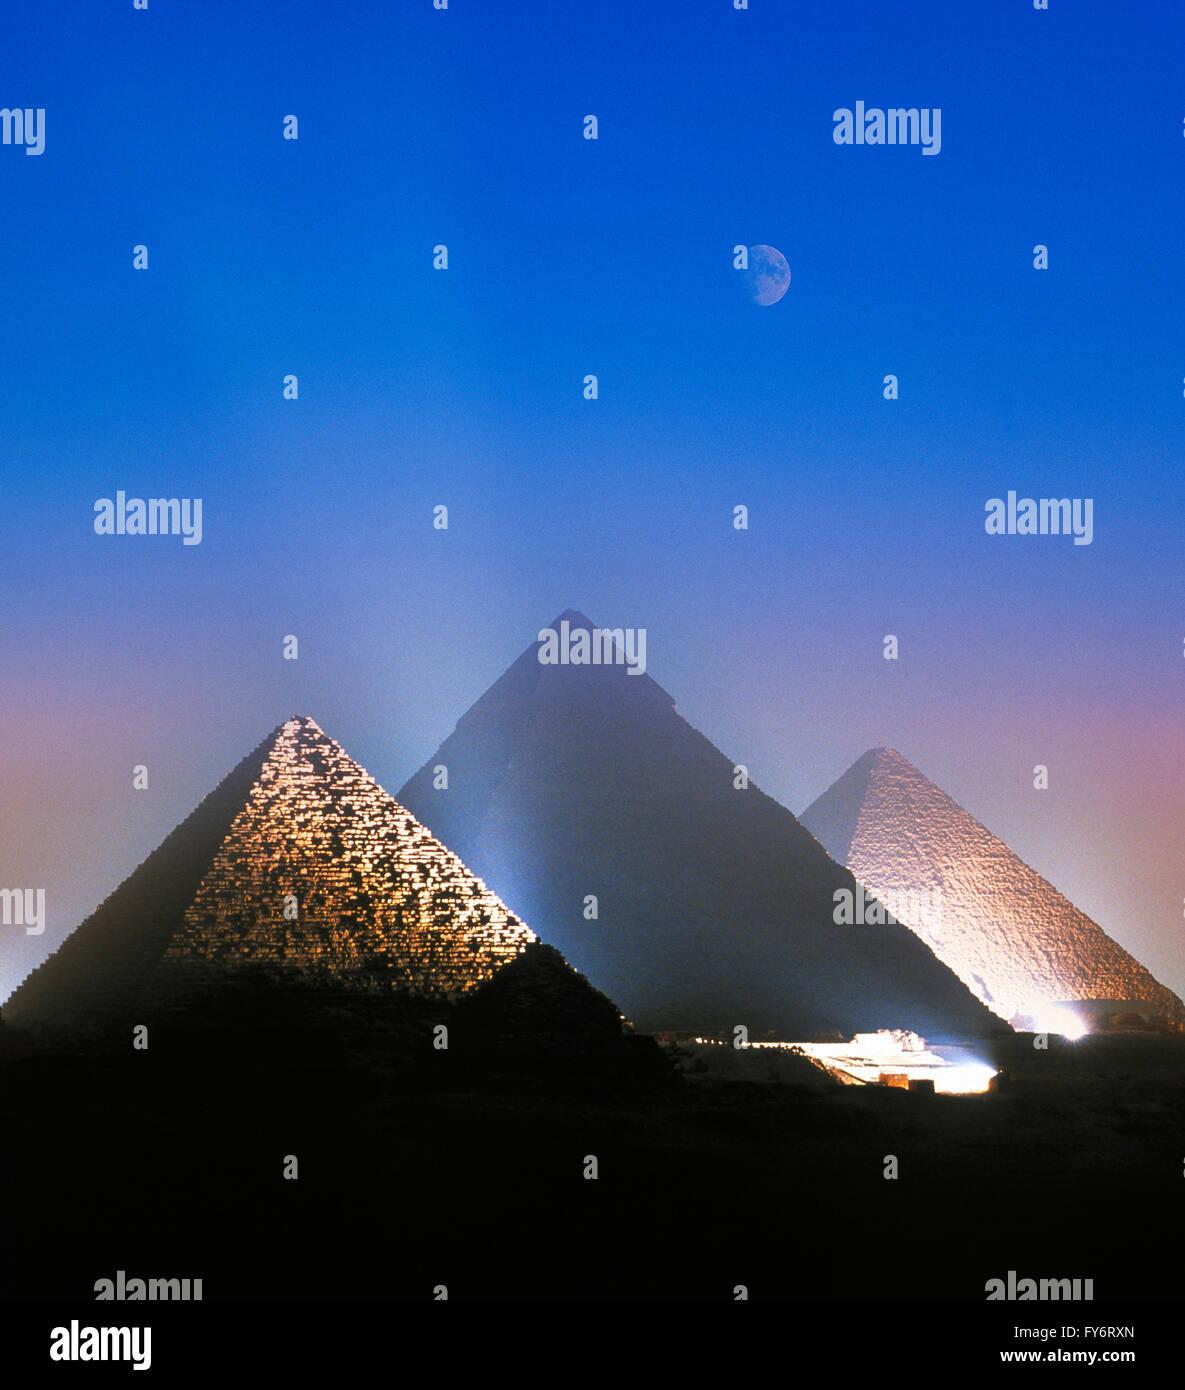 Luna iluminada durante las pirámides de Giza, El Cairo, Egipto Imagen De Stock